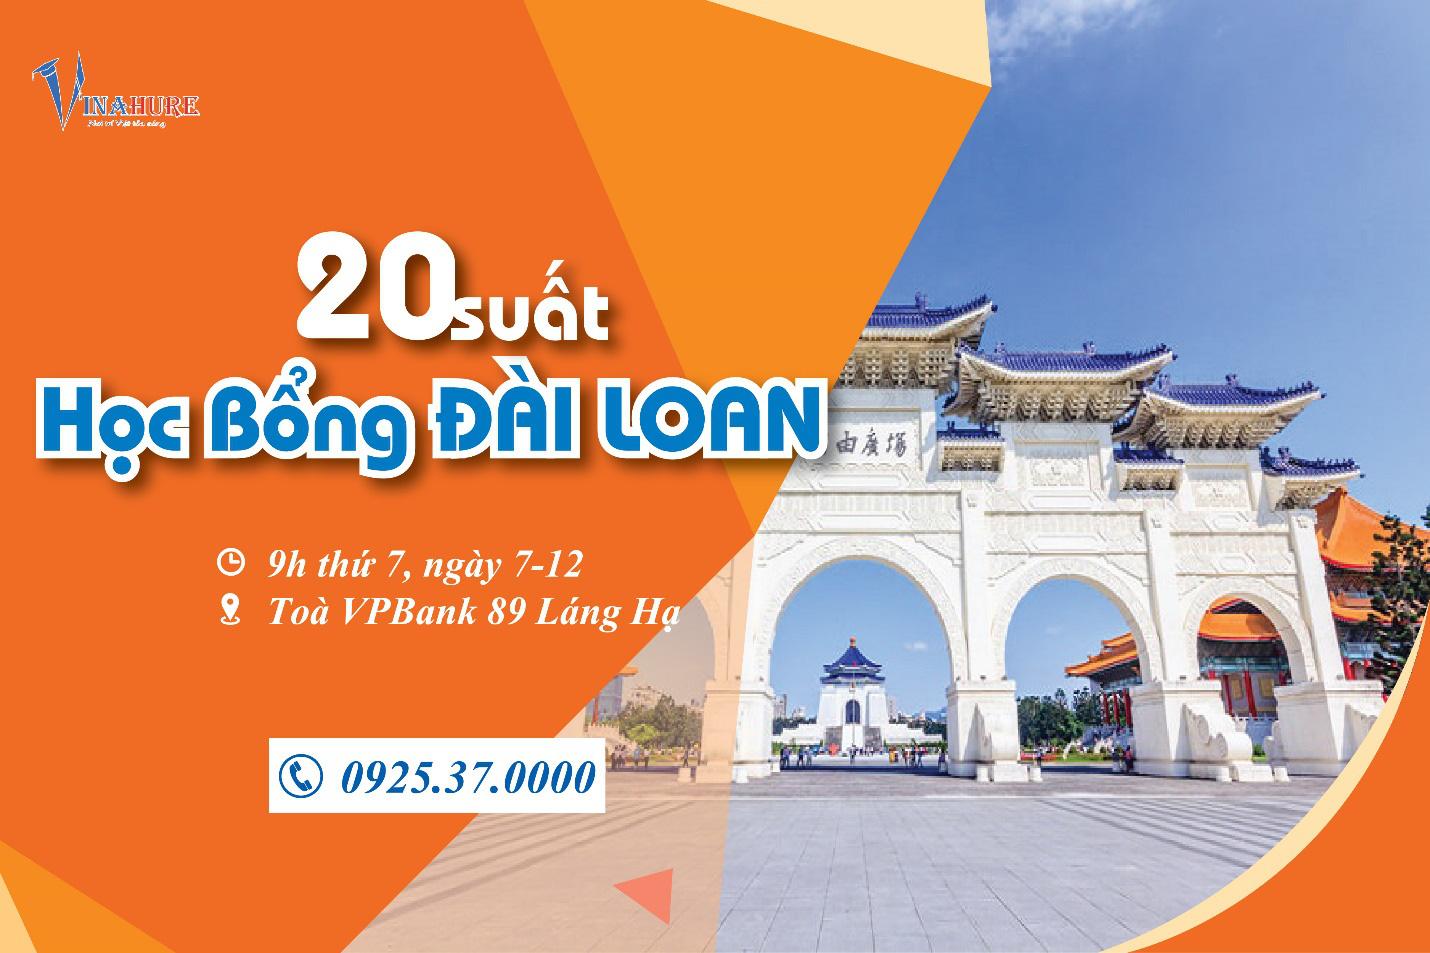 Giới thiệu 20 suất học bổng du học Đài Loan 2020 - Ảnh 1.